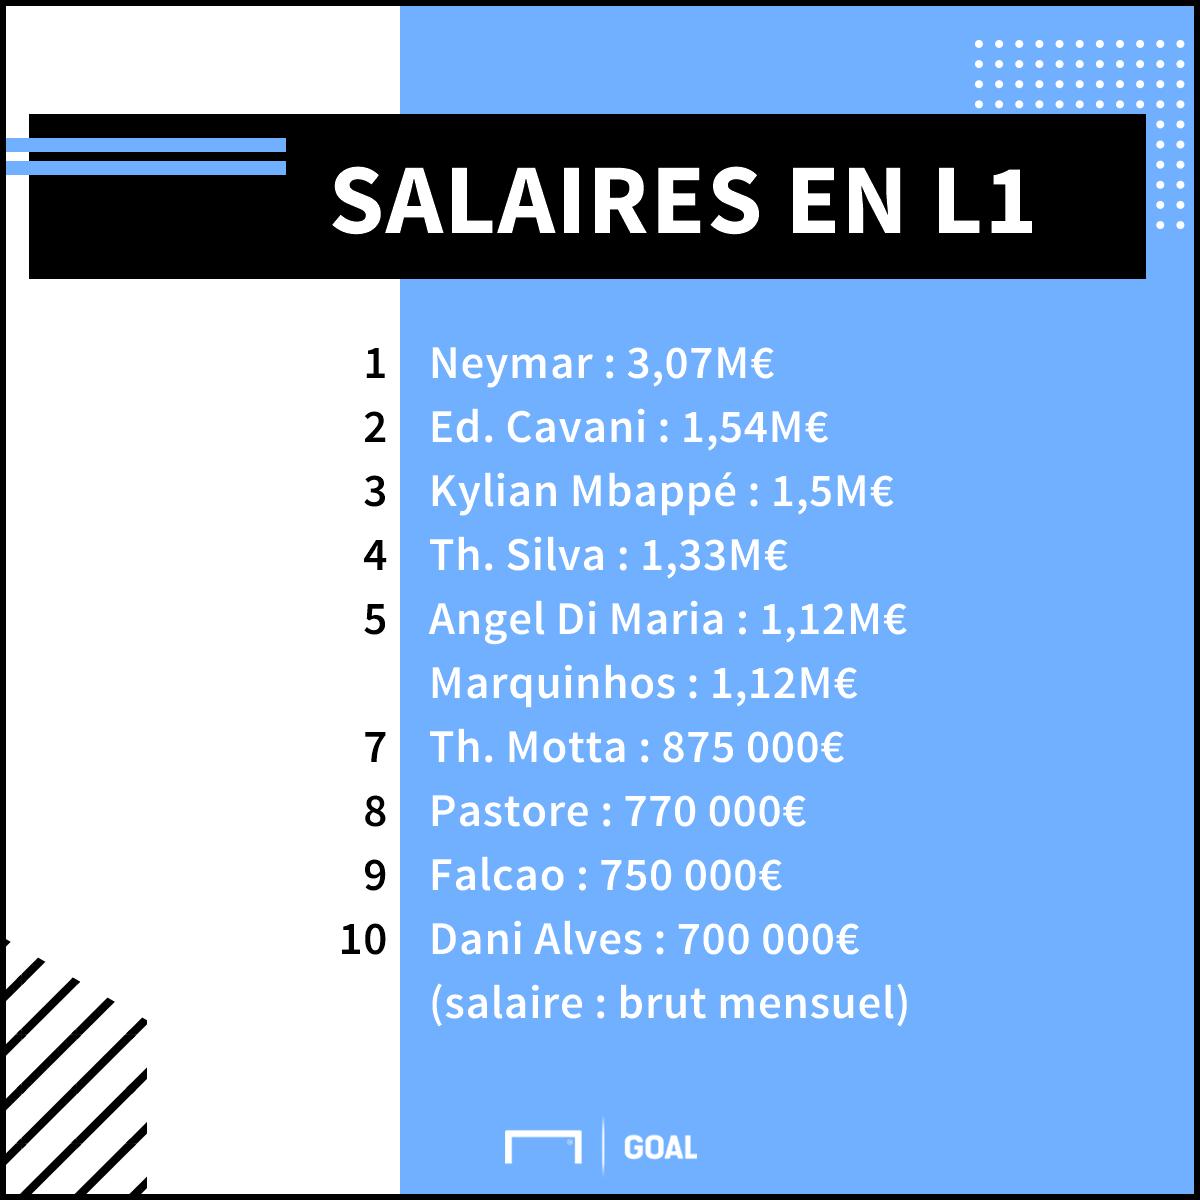 Neymar plus gros salaire de Ligue 1 devant Cavani et Mbappé — PSG